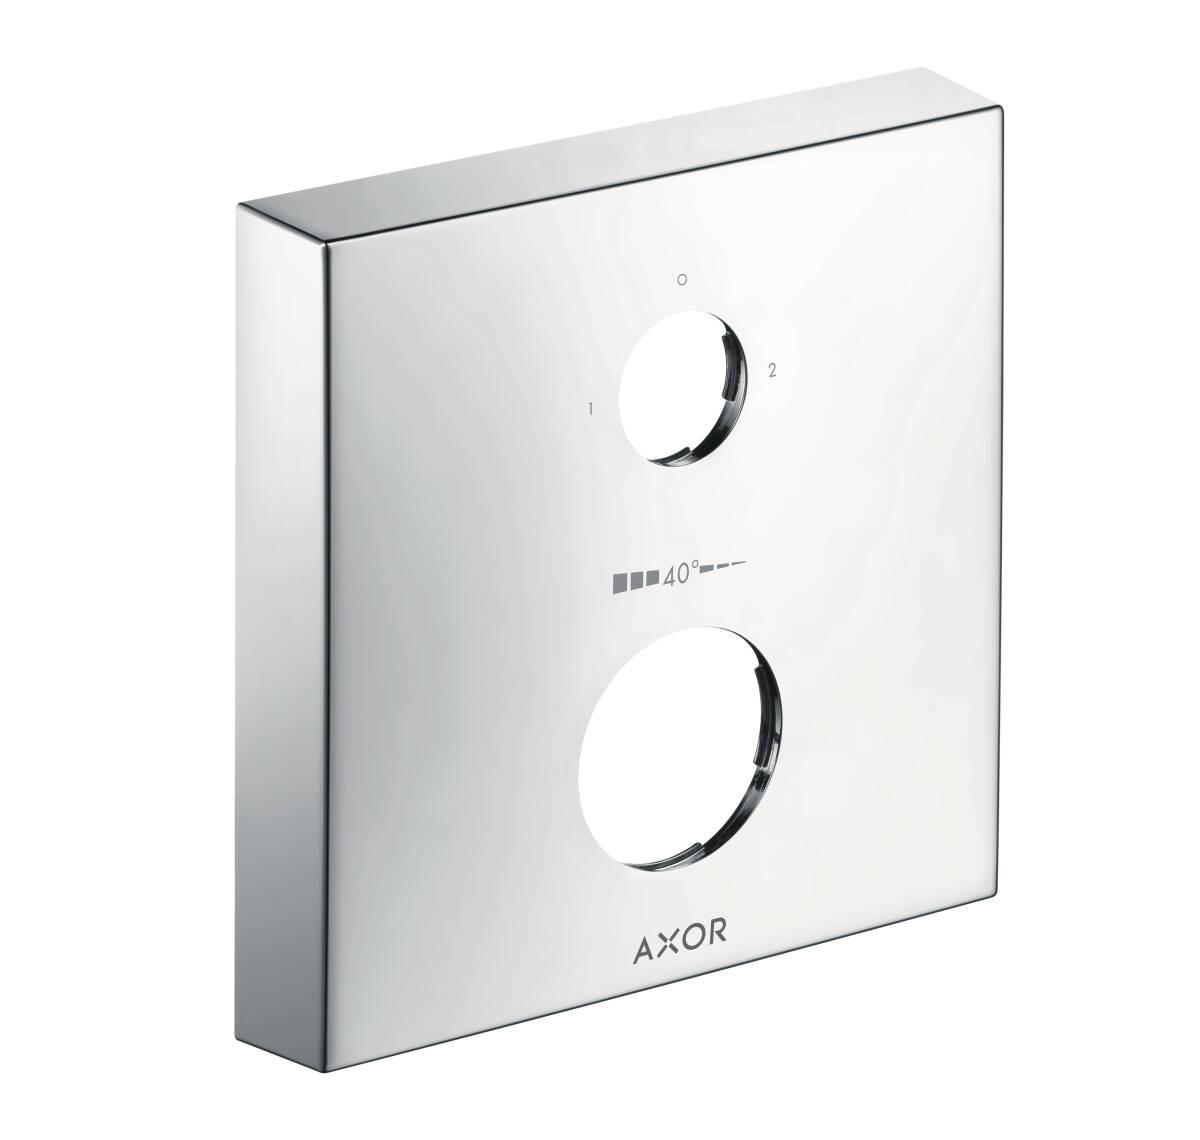 Extension element square 2-hole 0-1-2, Chrome, 14969000